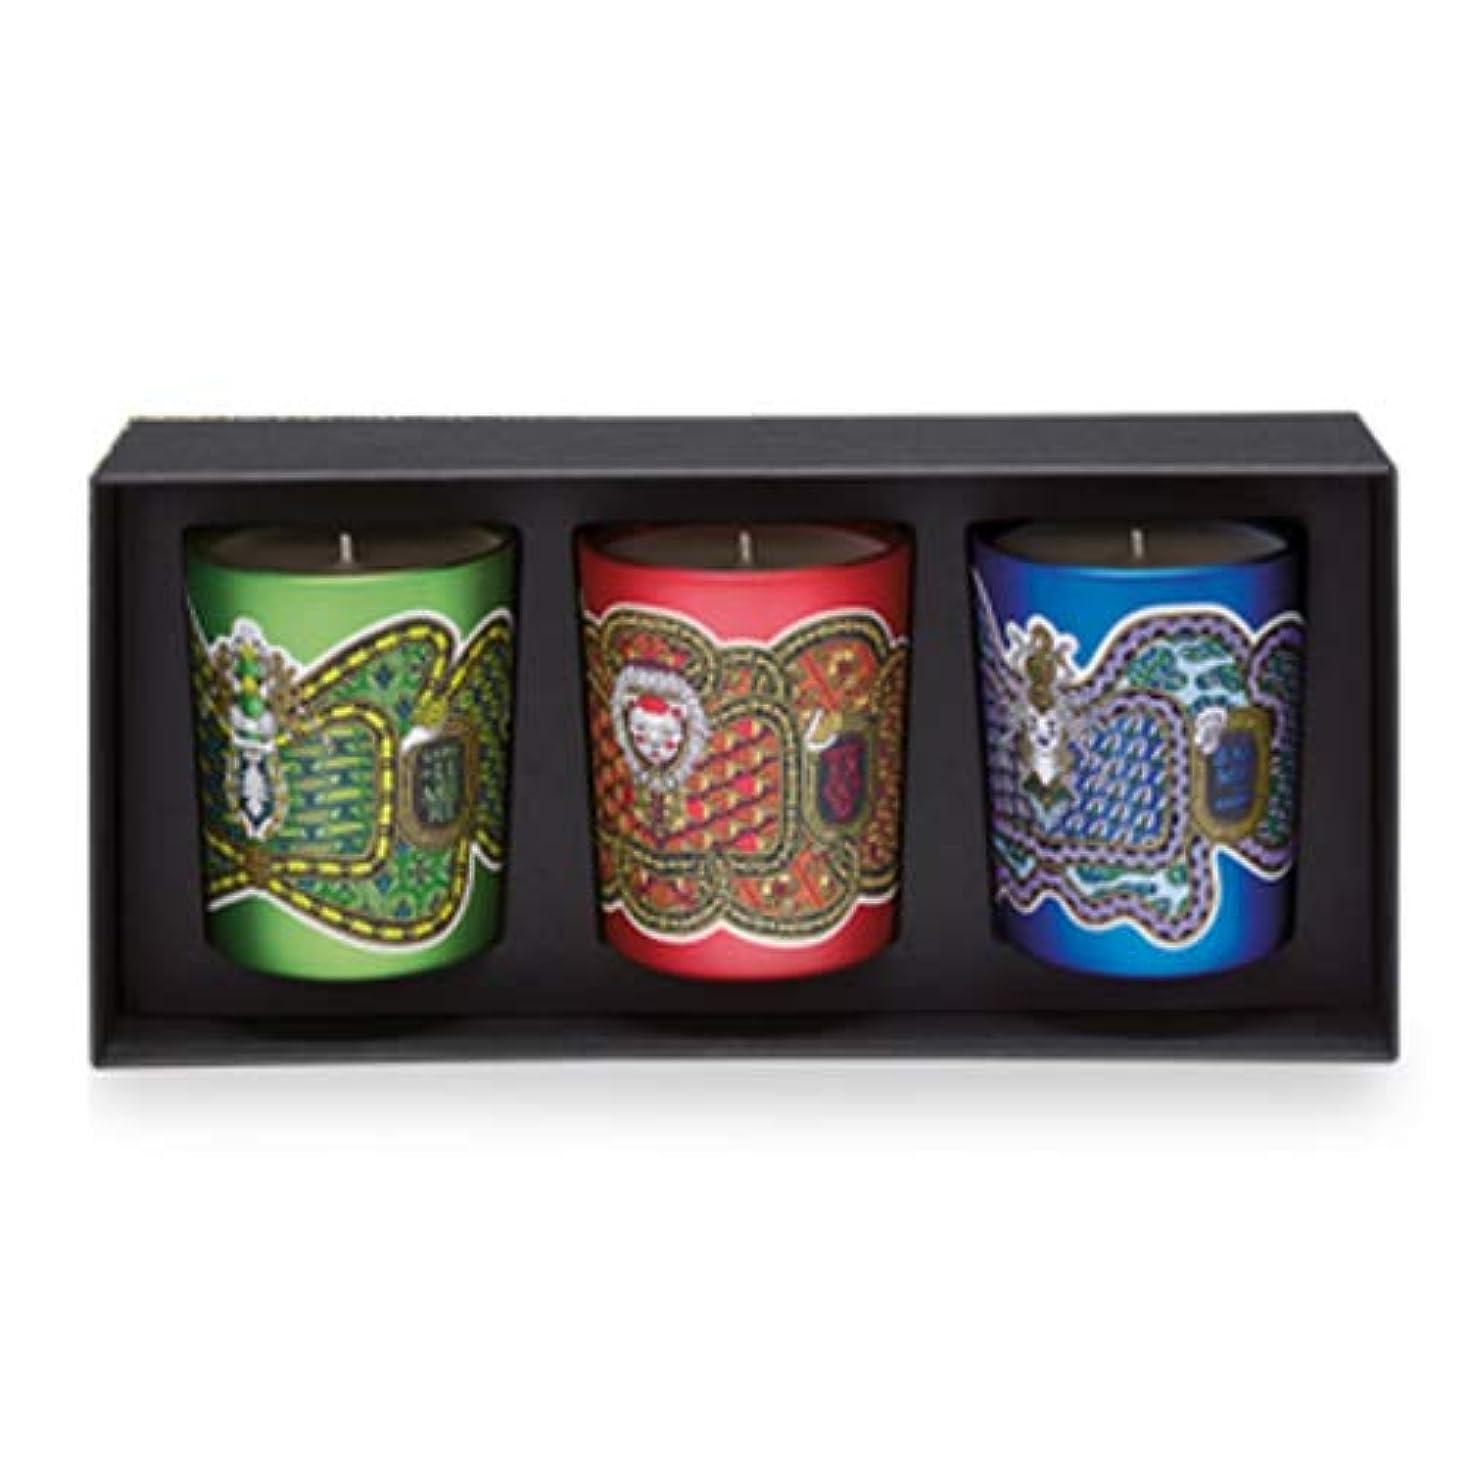 ラウンジ寄生虫神聖ディプティック フレグランス キャンドル コフレ 3種類の香り 190g×3 DIPTYQUE LEGENDE DU NORD SCENTED HOLIDAY 3 CANDLE SET [6586] [並行輸入品]